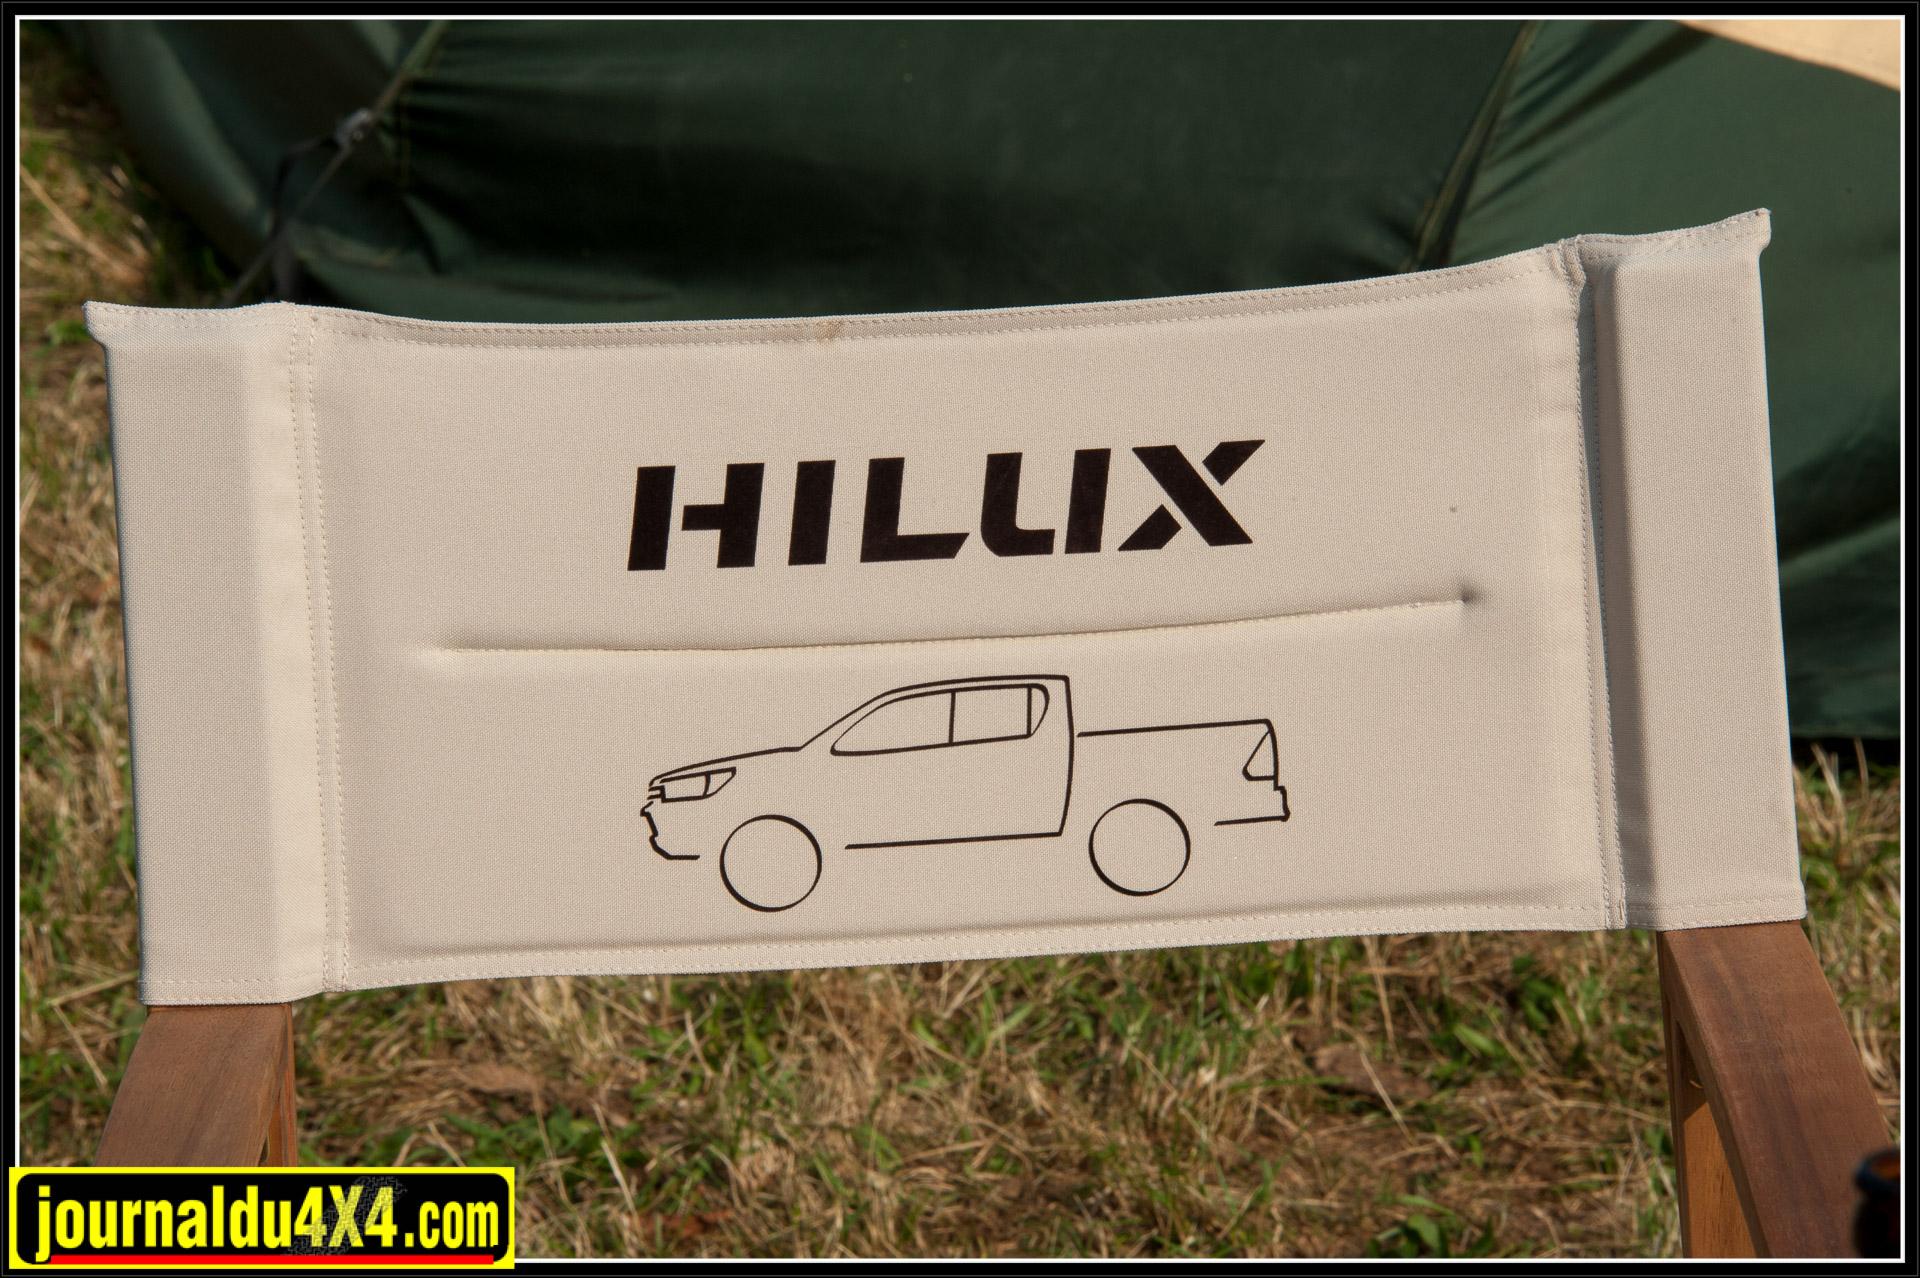 Toyota Allemagne est venu avec quelques Hi-Lux dernière génération.